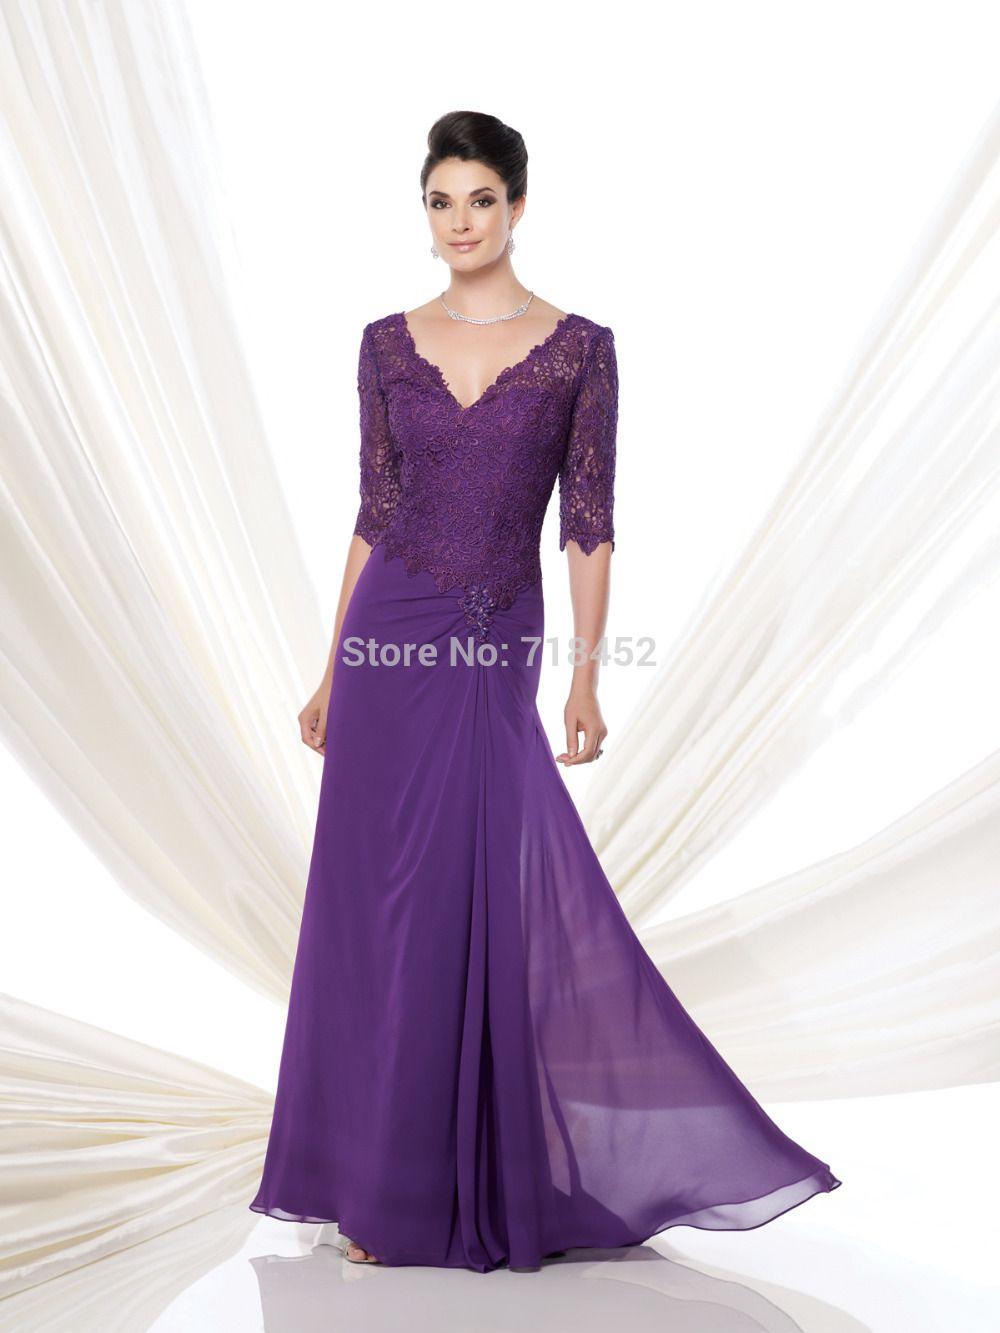 Cheap Moda diseño púrpura de la gasa de la madre de novia vestido ...